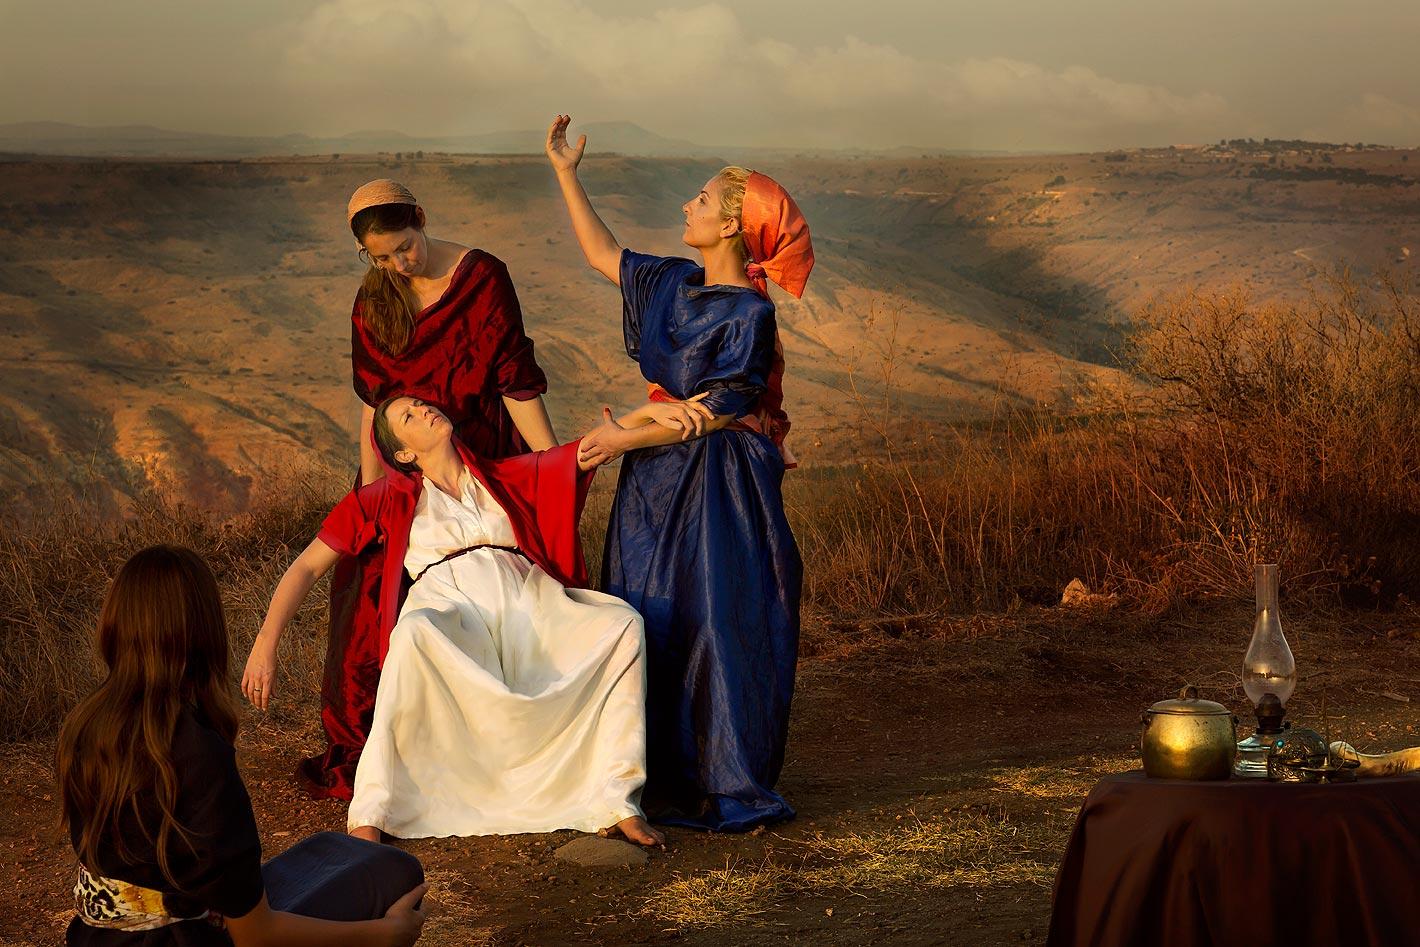 אשת פנחס כלת עלי הכהן ״וְכַלָּתוֹ אֵשֶׁת-פִּינְחָס, הָרָה לָלַת, וַתִּשְׁמַע אֶת-הַשְּׁמוּעָה אֶל-הִלָּקַח אֲרוֹן הָאֱלֹהִים, וּמֵת חָמִיהָ וְאִישָׁהּ; וַתִּכְרַע וַתֵּלֶד, כִּי-נֶהֶפְכוּ עָלֶיהָ צִרֶיהָ: וּכְעֵת מוּתָהּ, וַתְּדַבֵּרְנָה הַנִּצָּבוֹת עָלֶיהָ, אַל-תִּירְאִי, כִּי בֵן יָלָדְתְּ״ שמואל א ד יט-כ